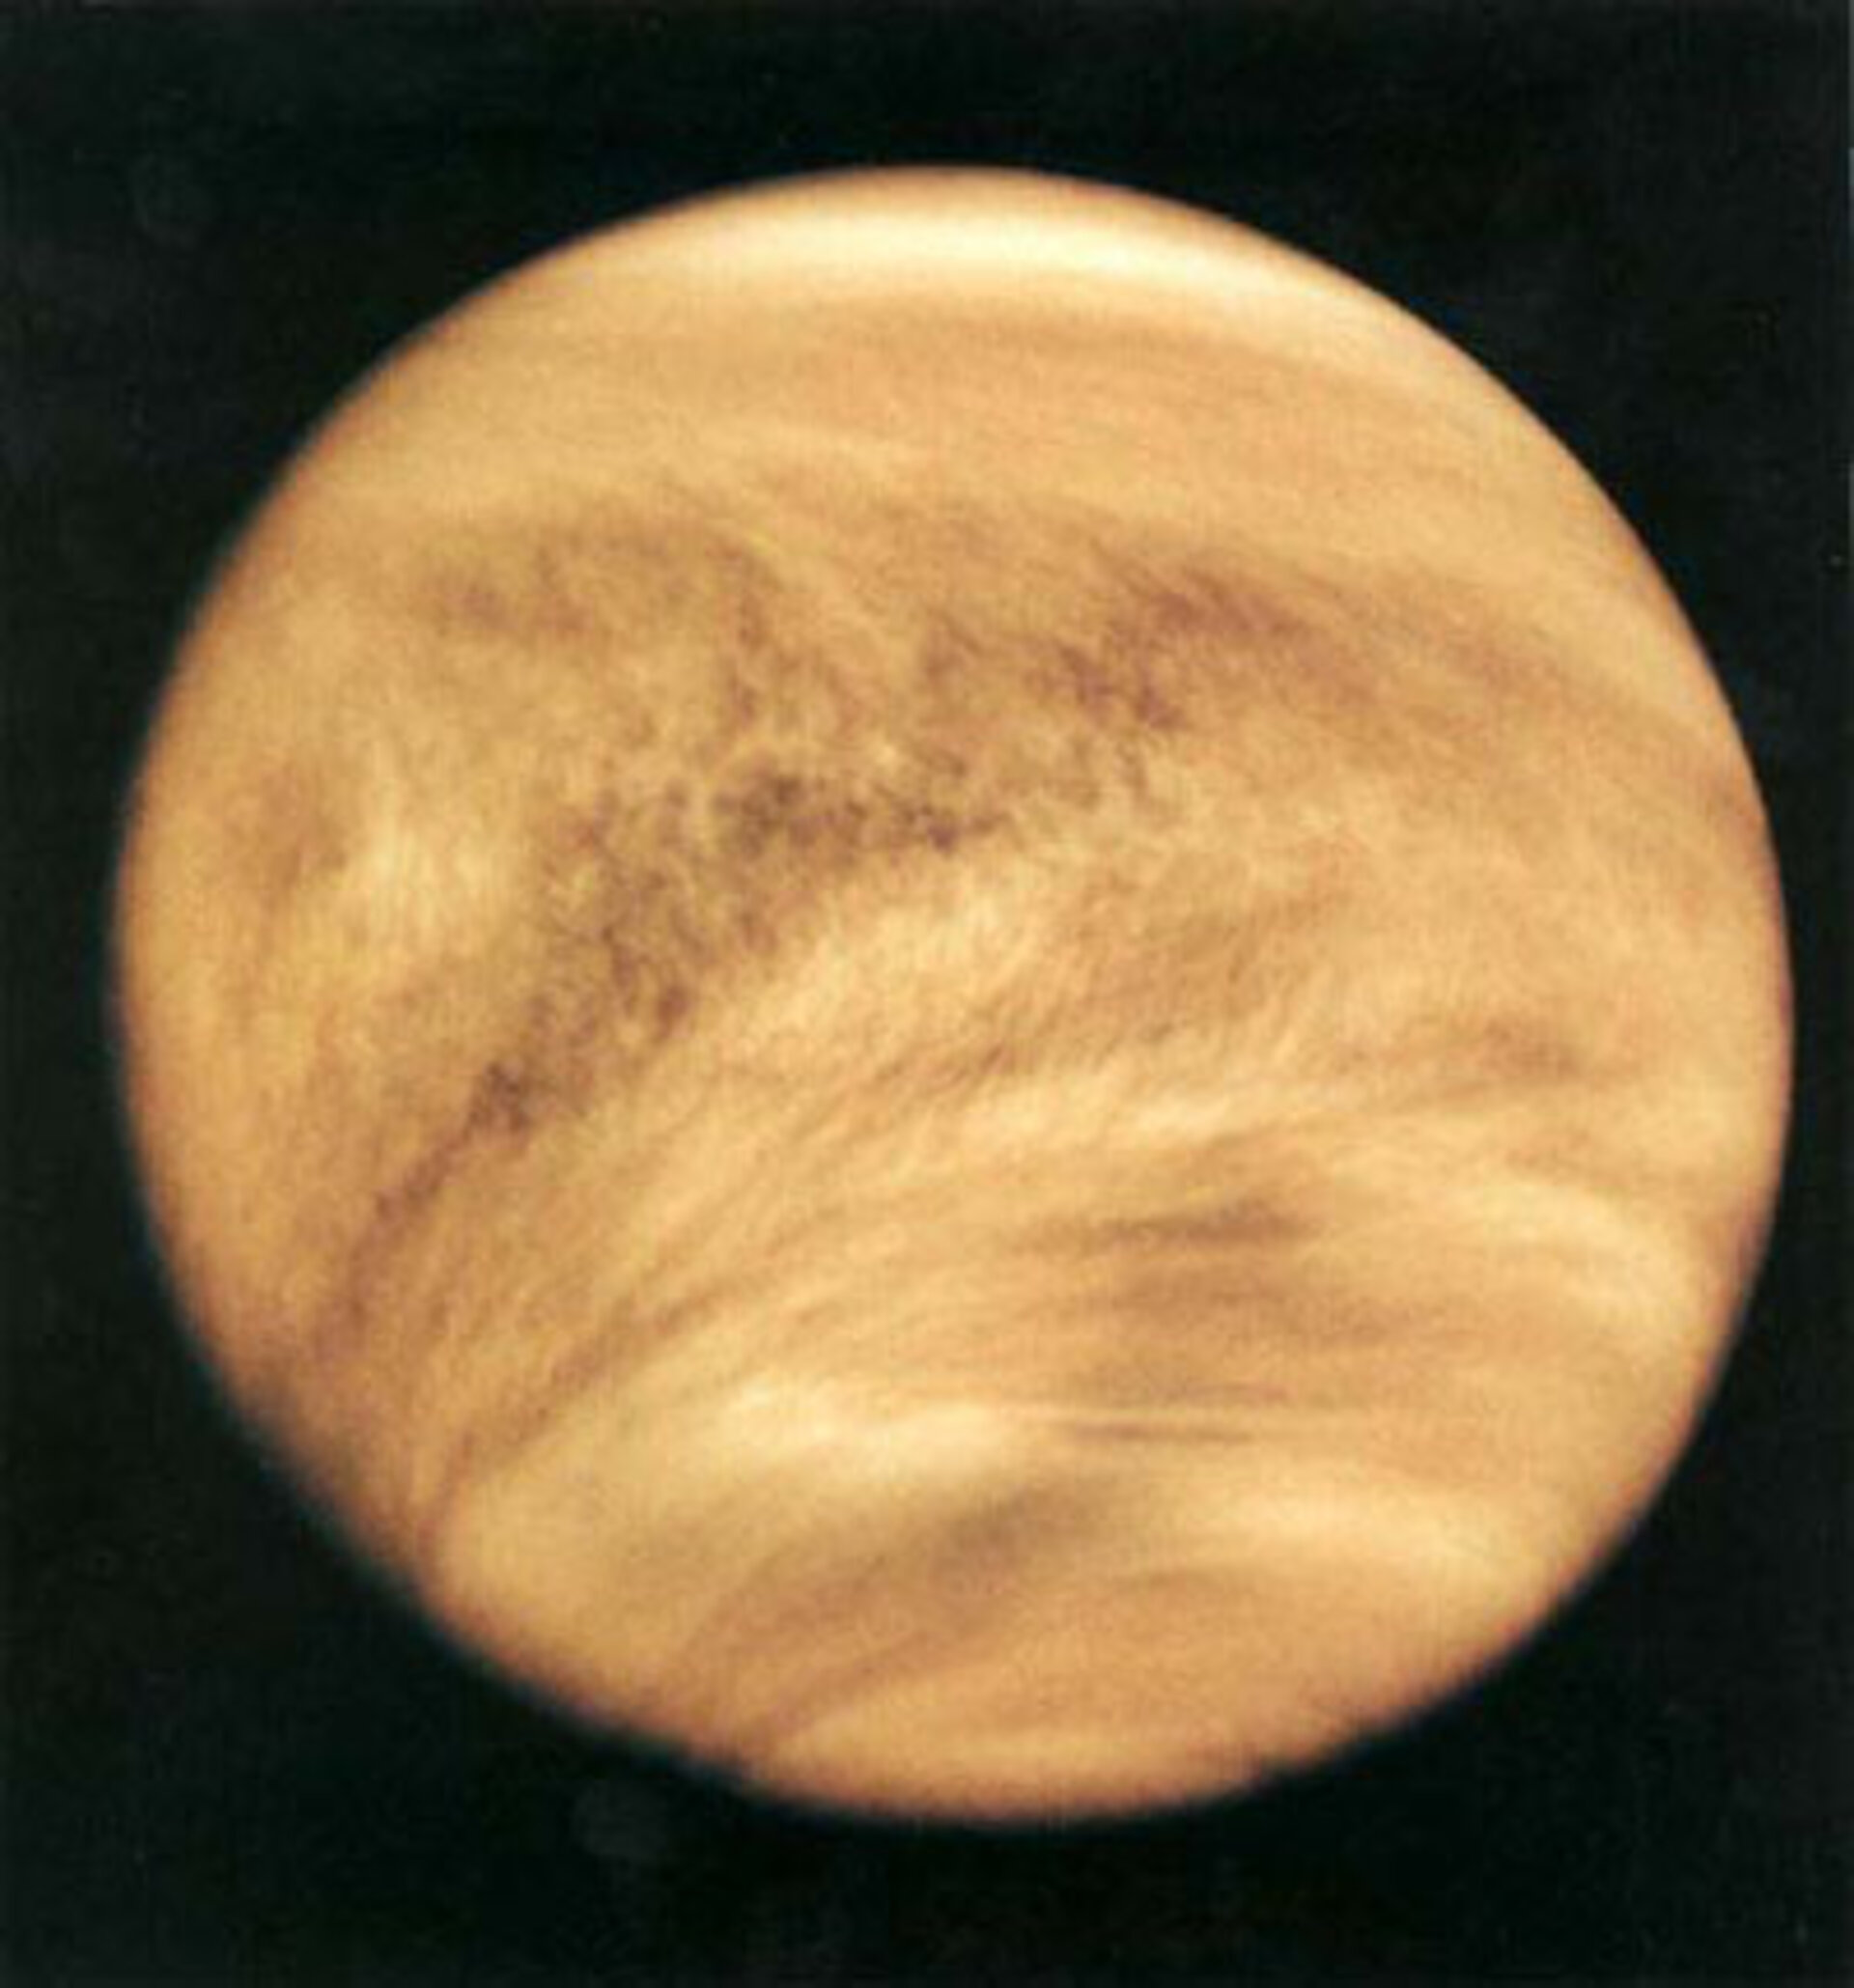 金星に生命体が存在か?大気からホスフィンを検出